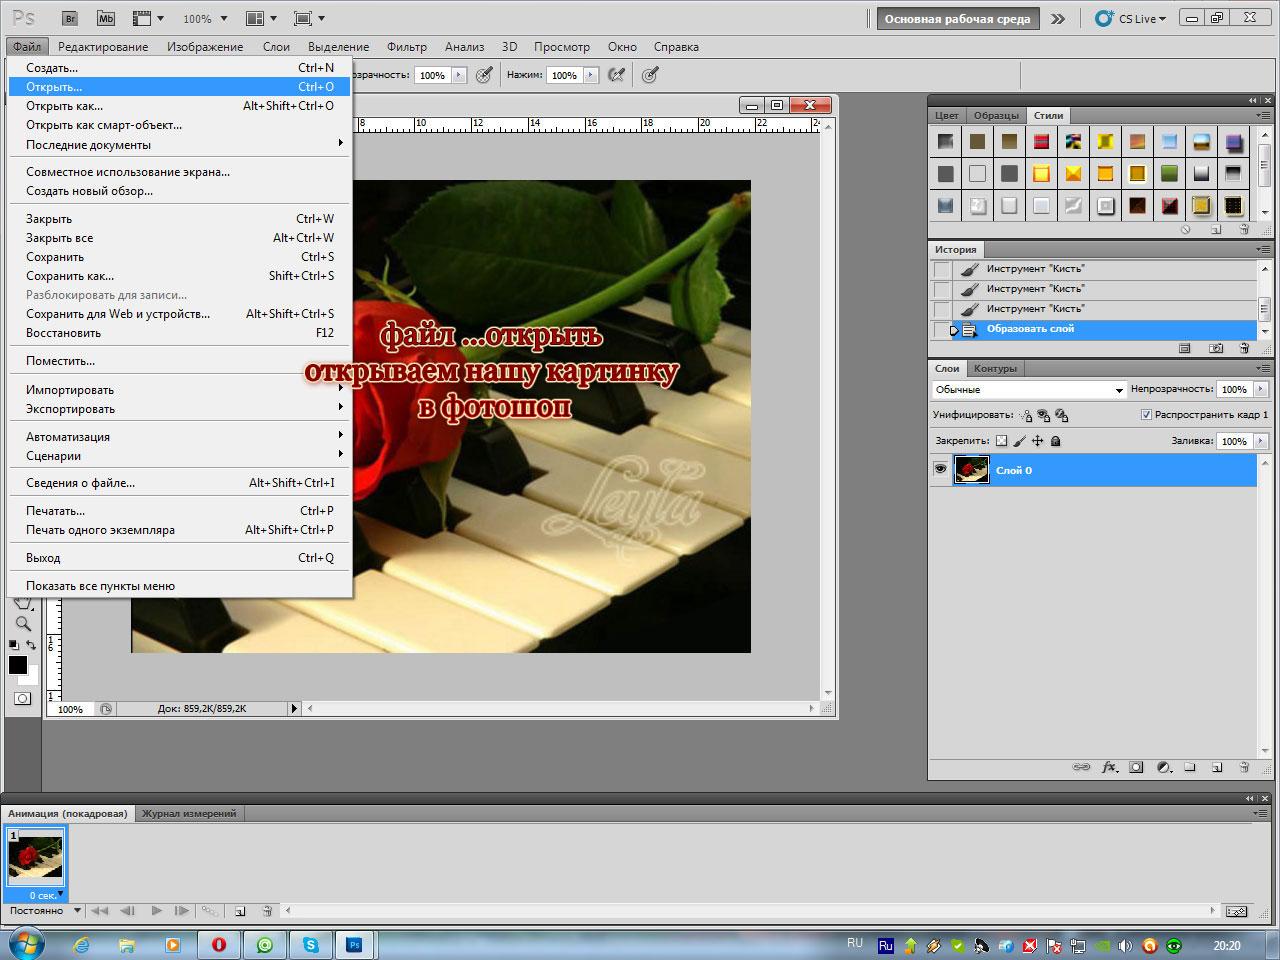 Как сделать анимацию для фотографии